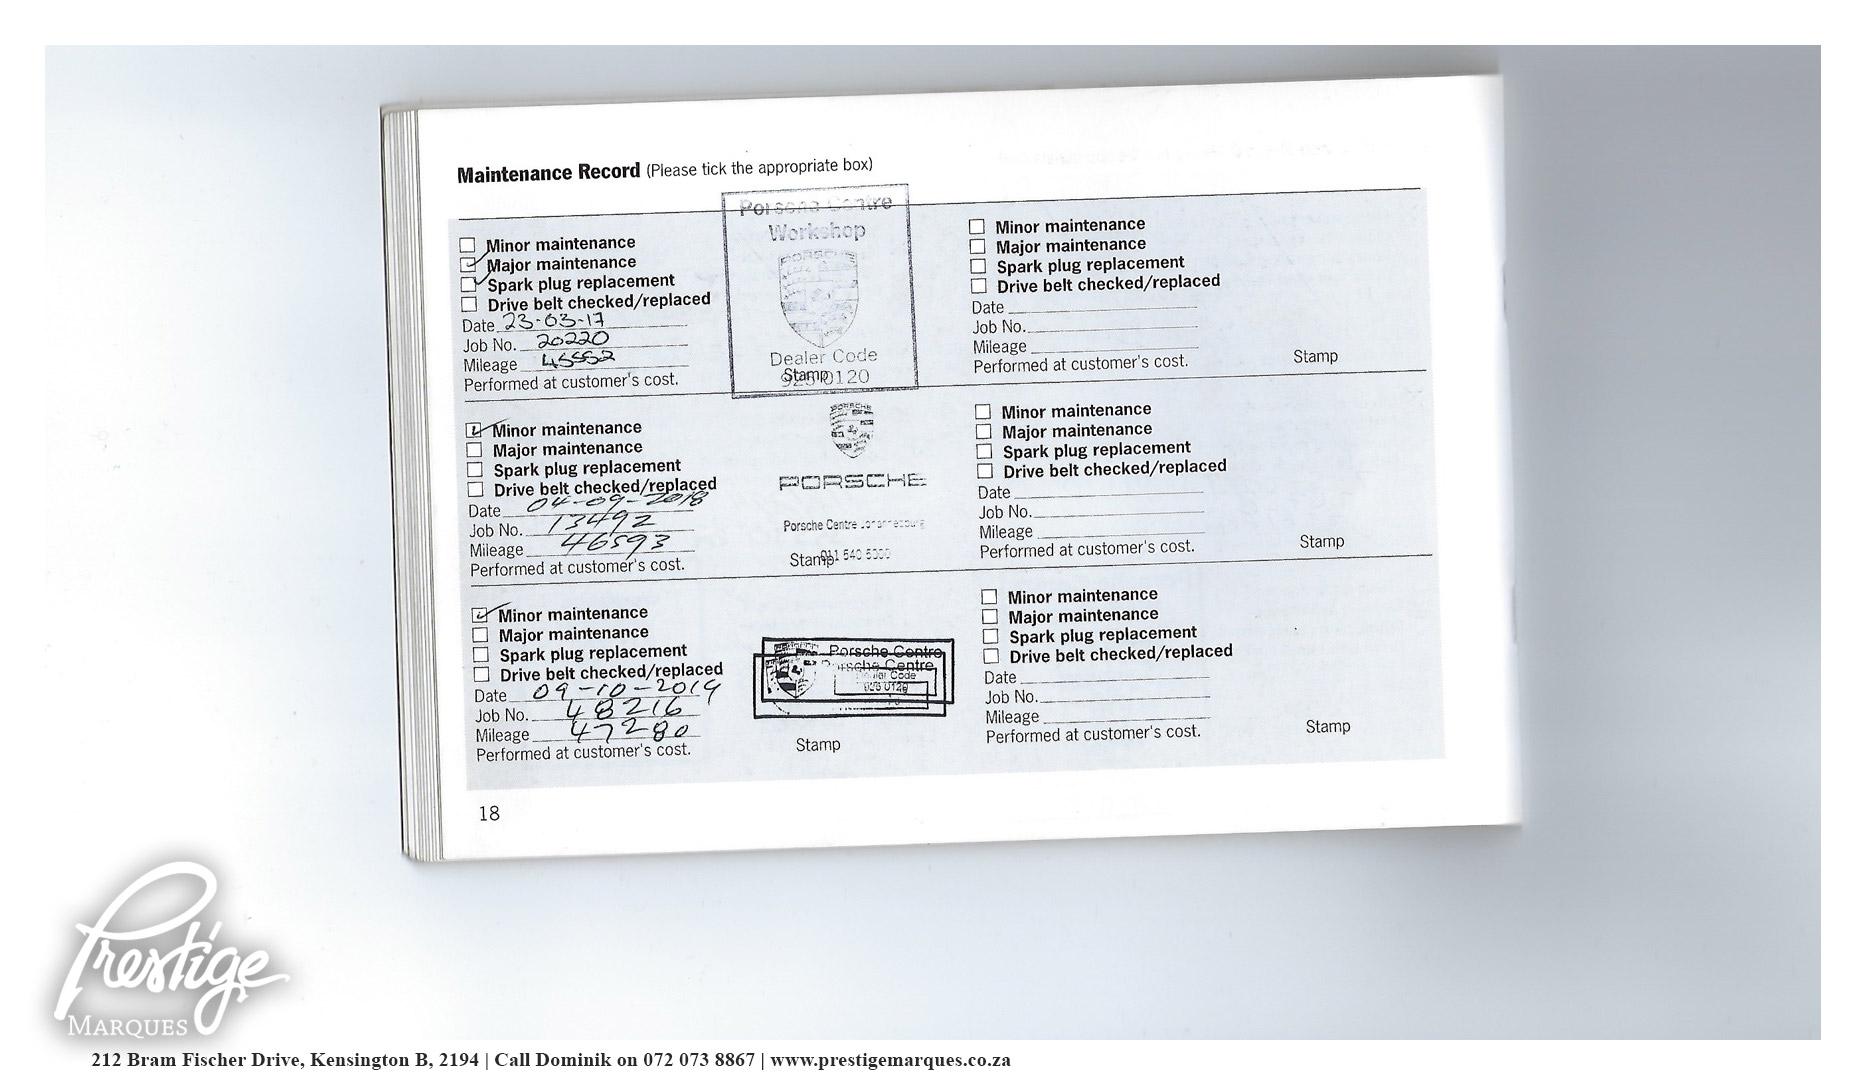 2006-Porsche-911-997-Carrera-S-Manual-Prestige-Marques-Randburg-Sandton-16